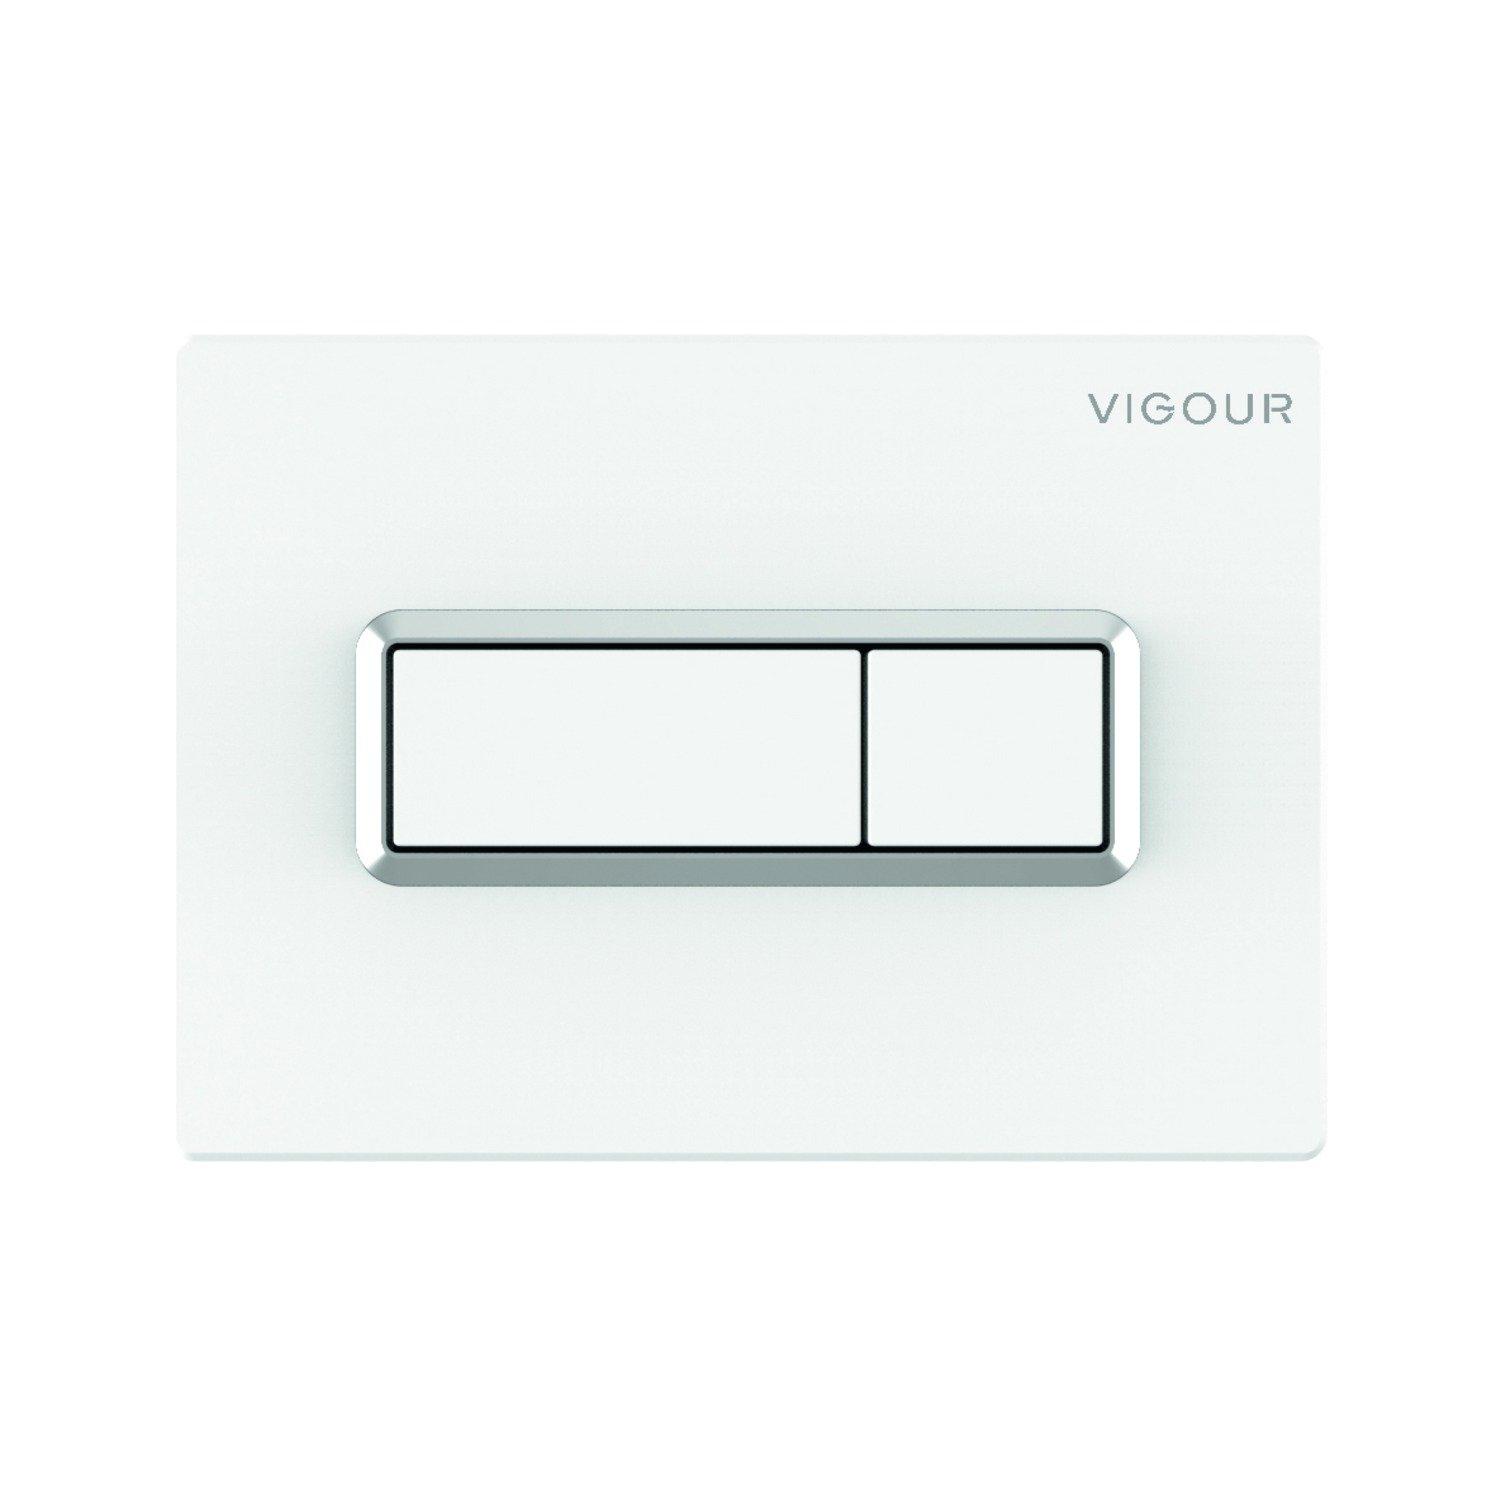 VIGOUR WC-Betätigungsplatte weiß mit Chromrahmen